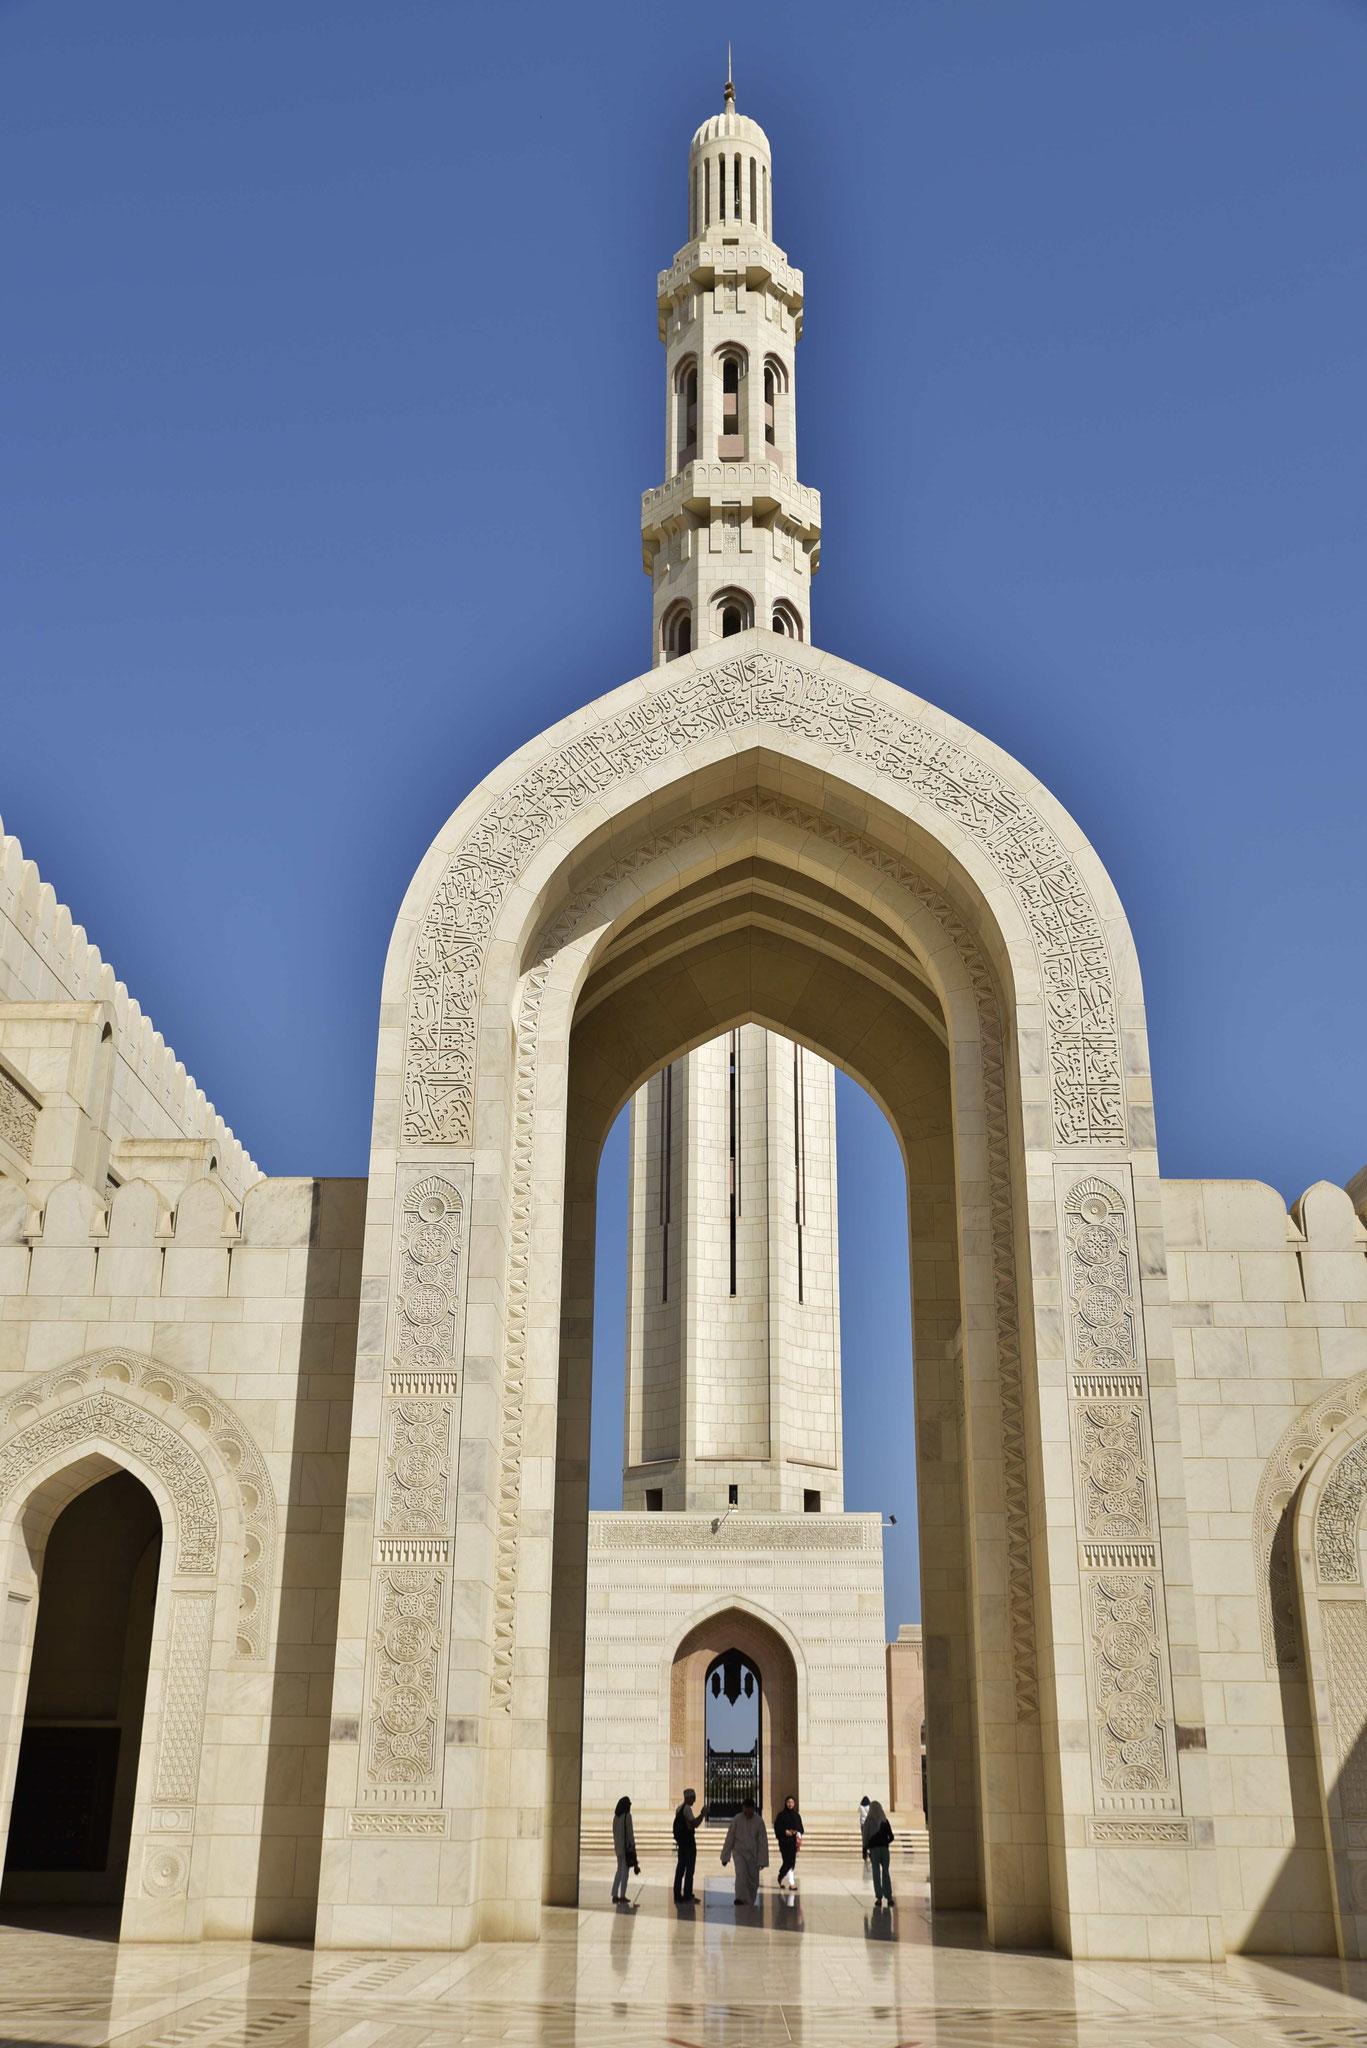 Großer Rundbogen mit Minarett im Hintergrund